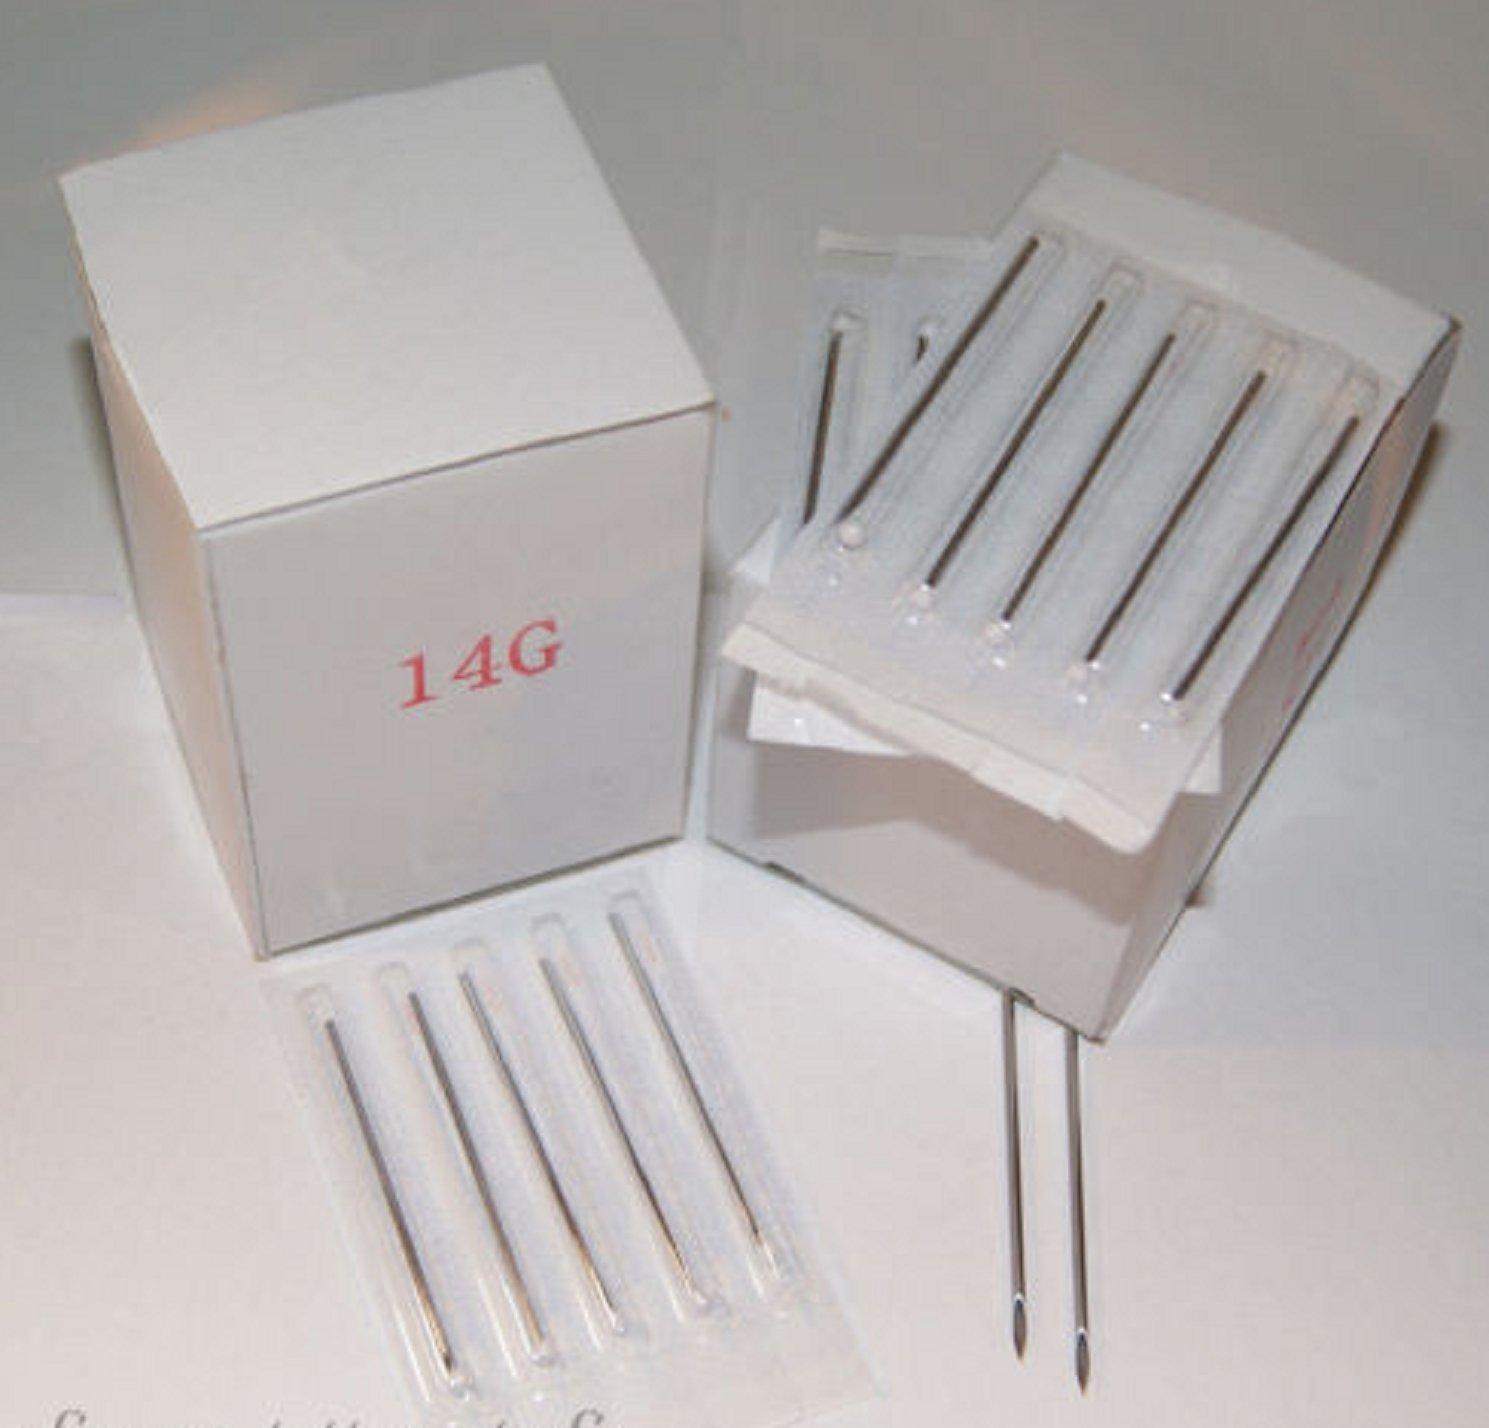 TNS STORE 1000 Body Piercing Needles 10g 12G 13G 14G 15G 16G 18G 20g uMix Gauge